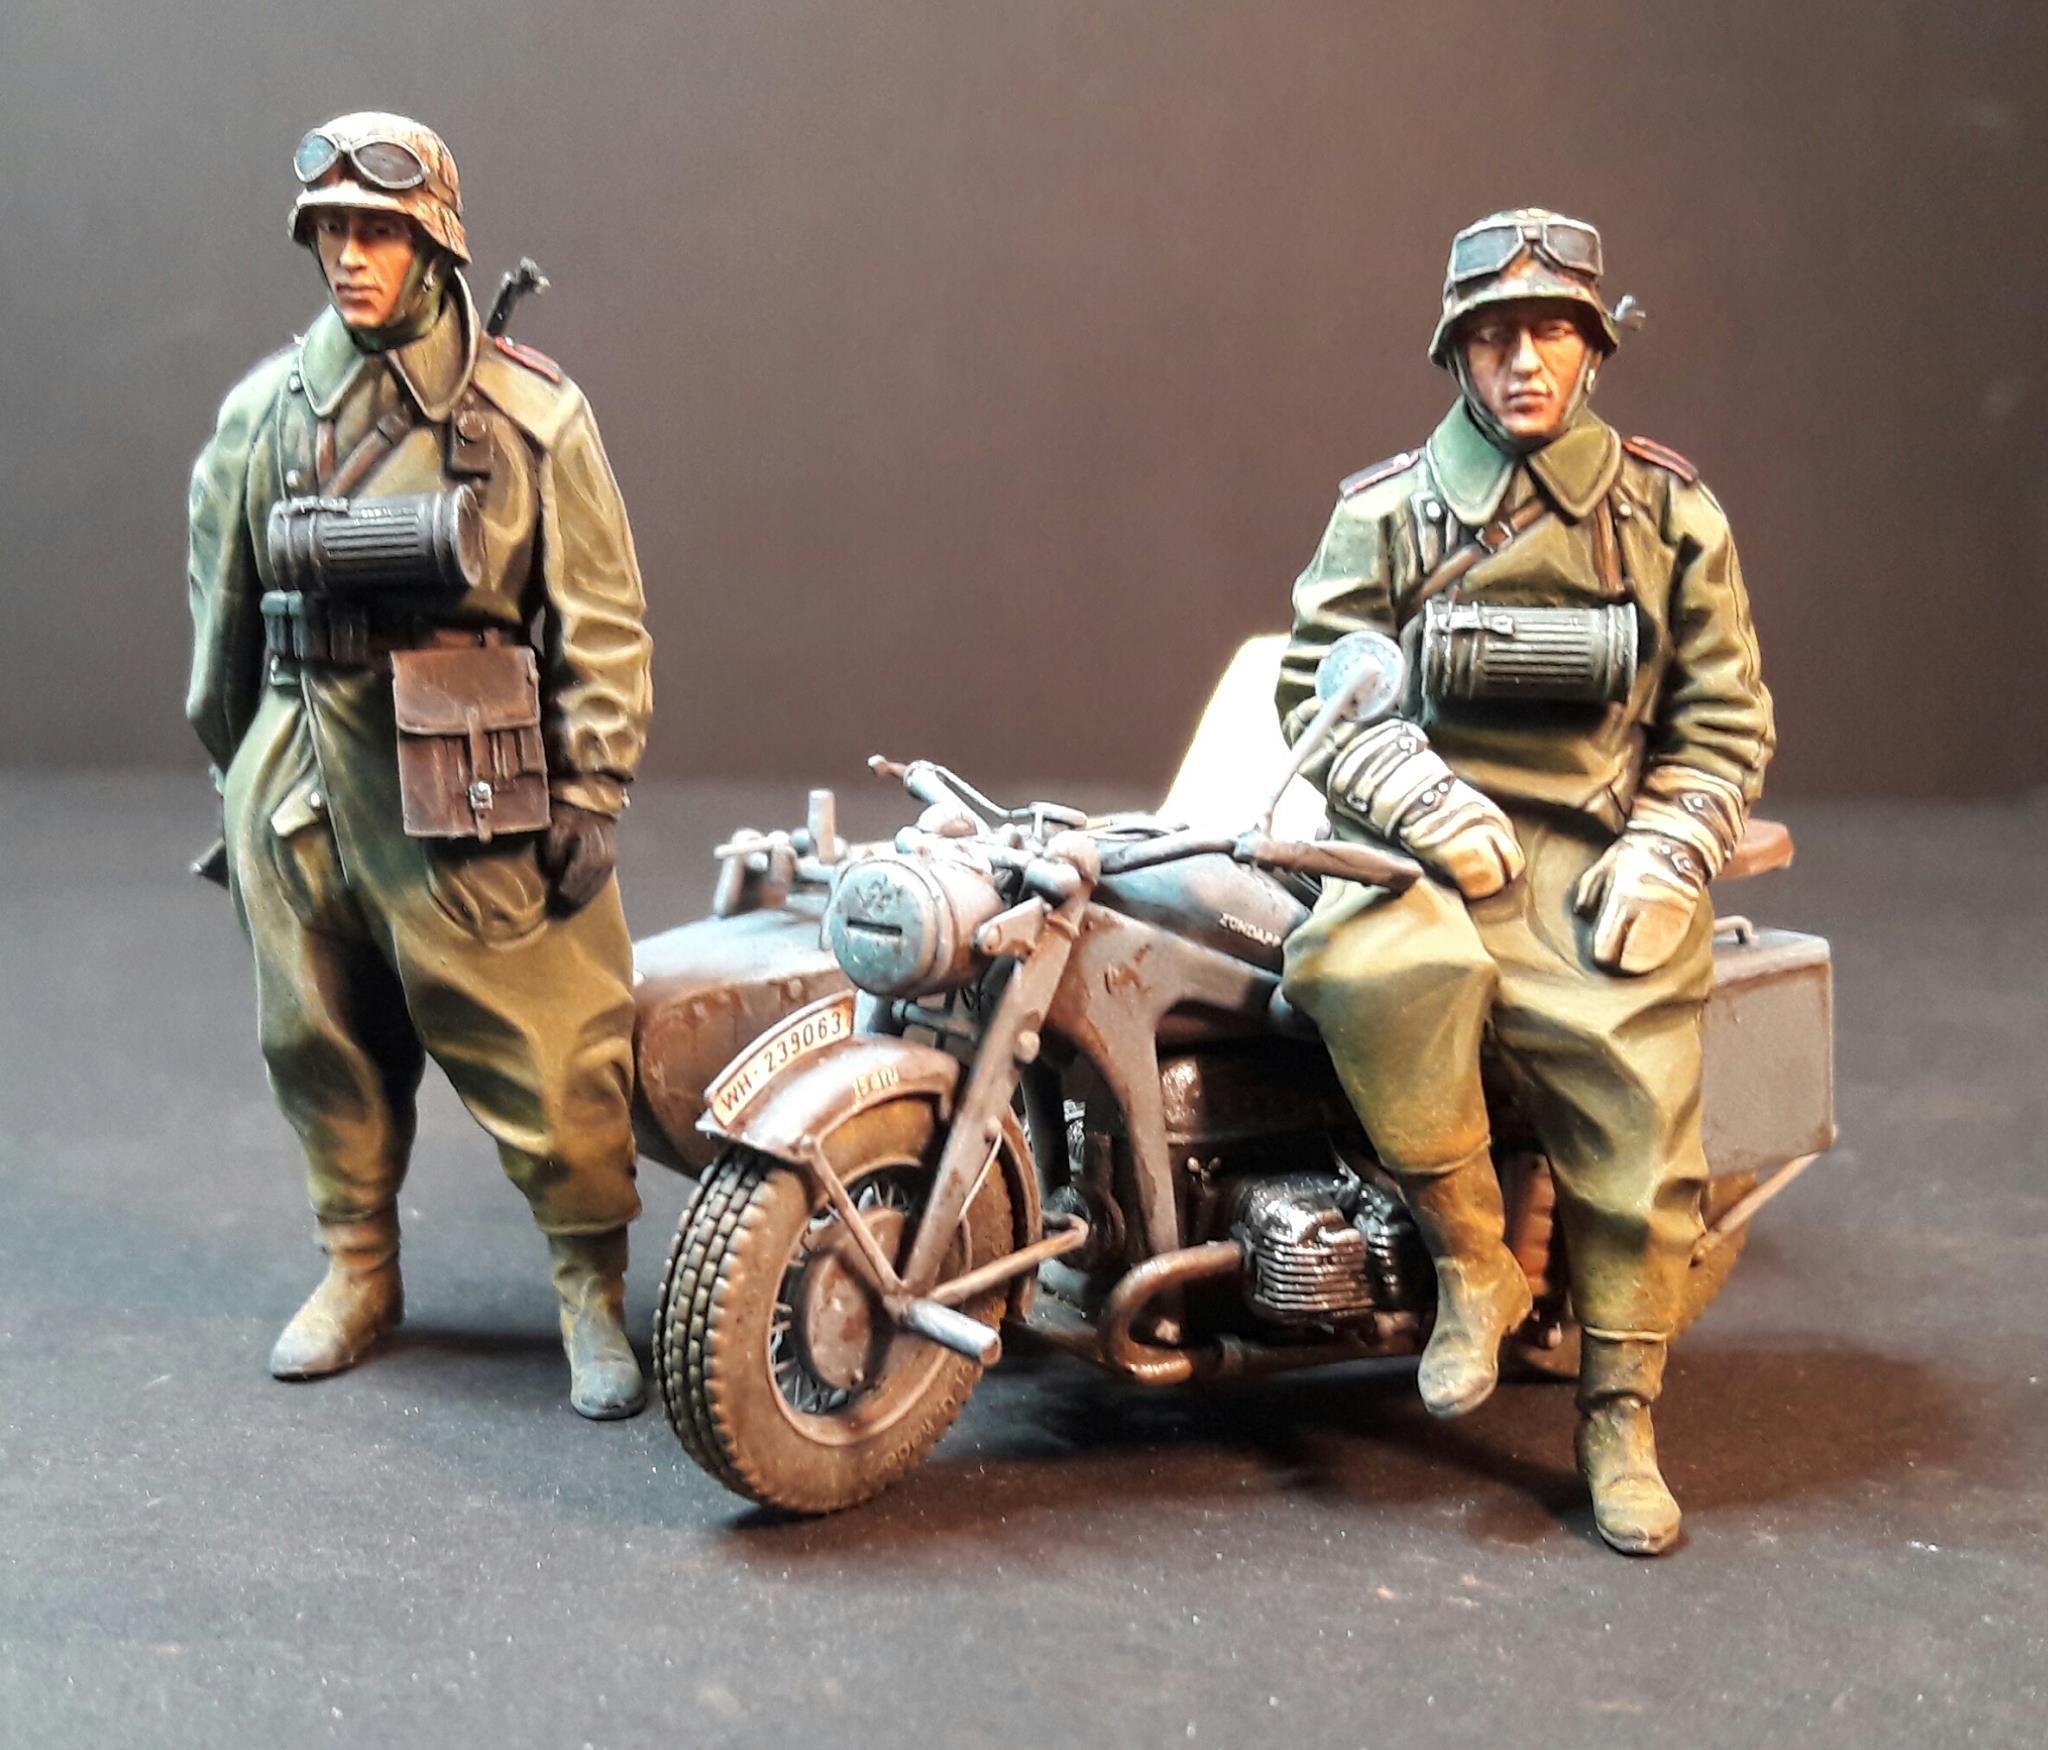 Zündapp KS750 - Sidecar - Great Wall Hobby + figurines Alpine - 1/35 - Page 5 5676752005028510211786806920170596811561o